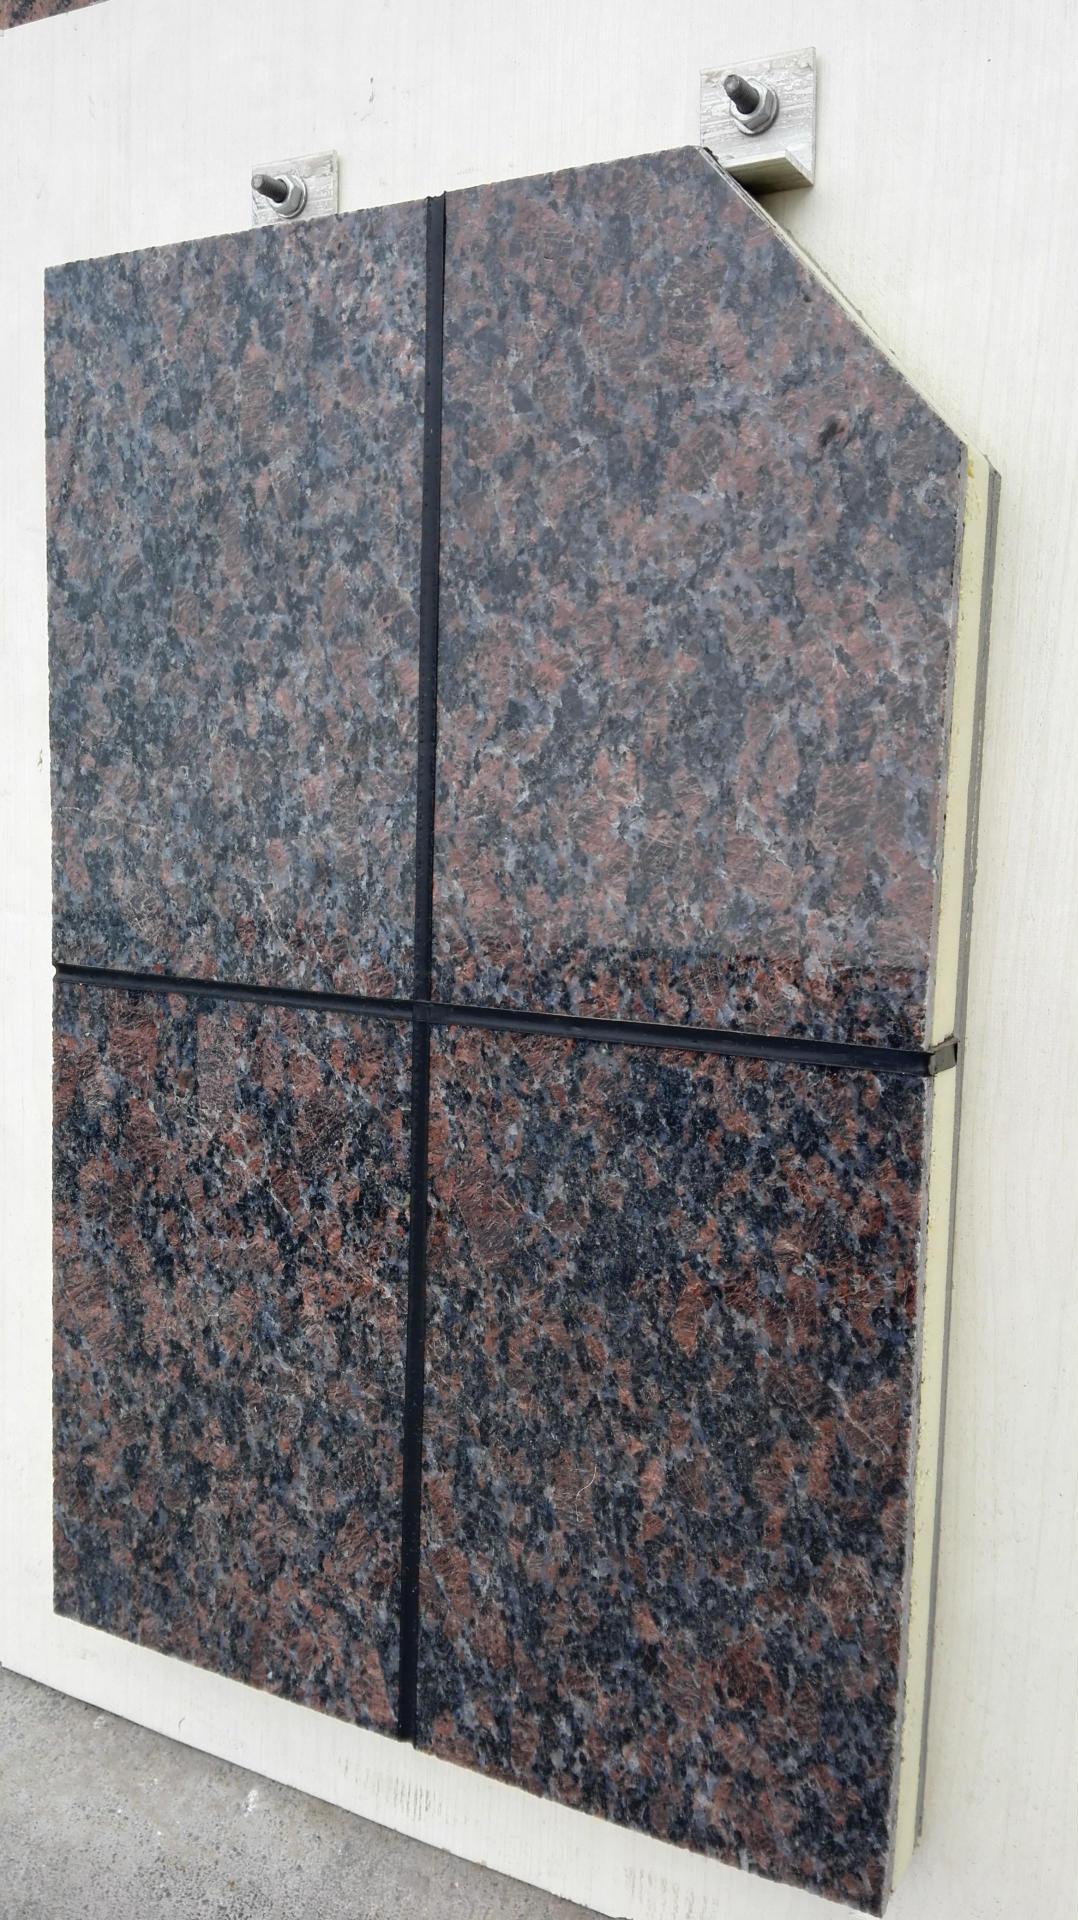 天然石材保温装饰一体板 -,价格,厂家,批发,供应,图片, ,